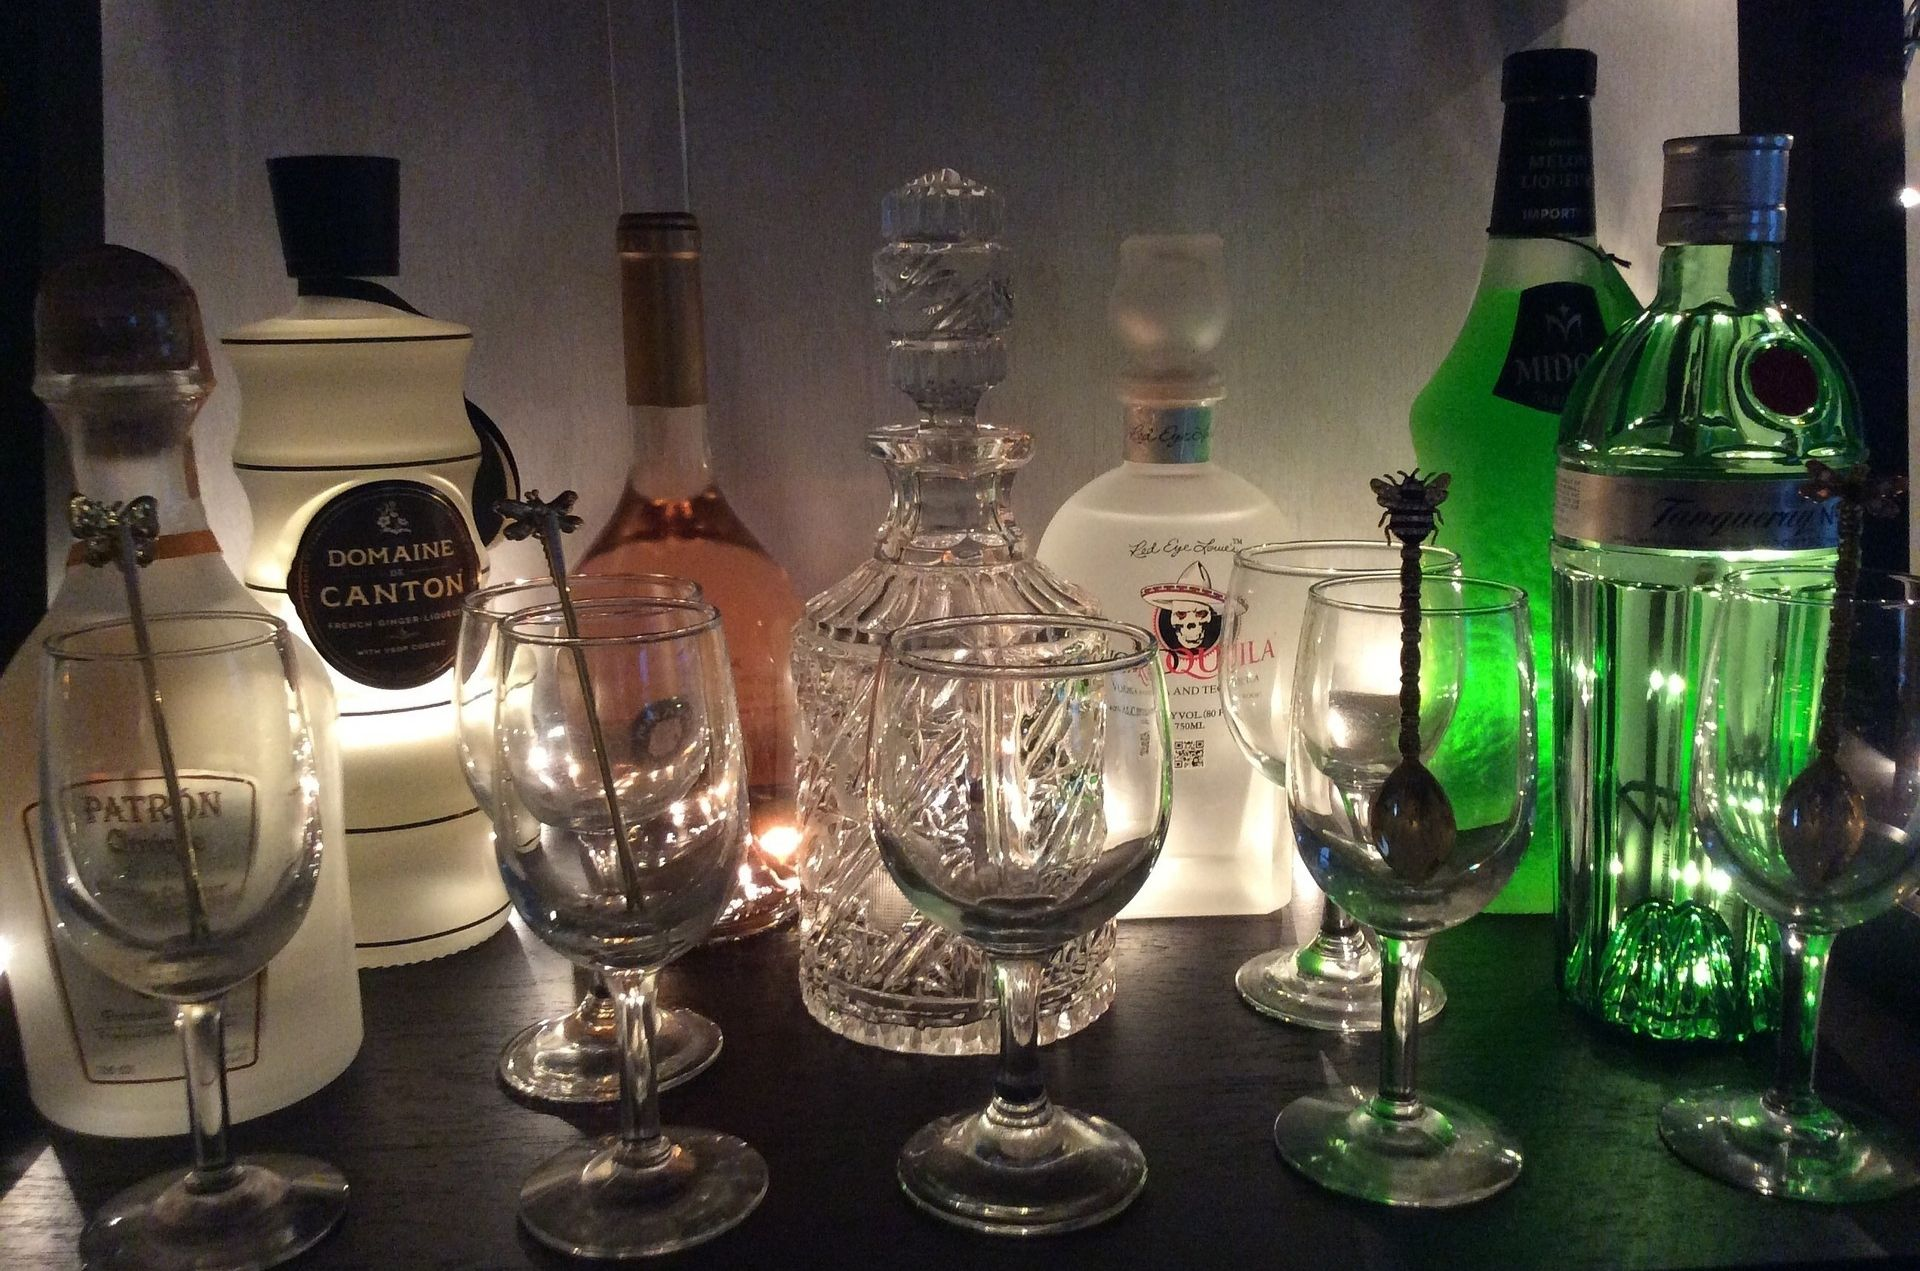 Los sintomas del alcoholismo son una señal de alerta de que una persona bebe demasiado alcohol.